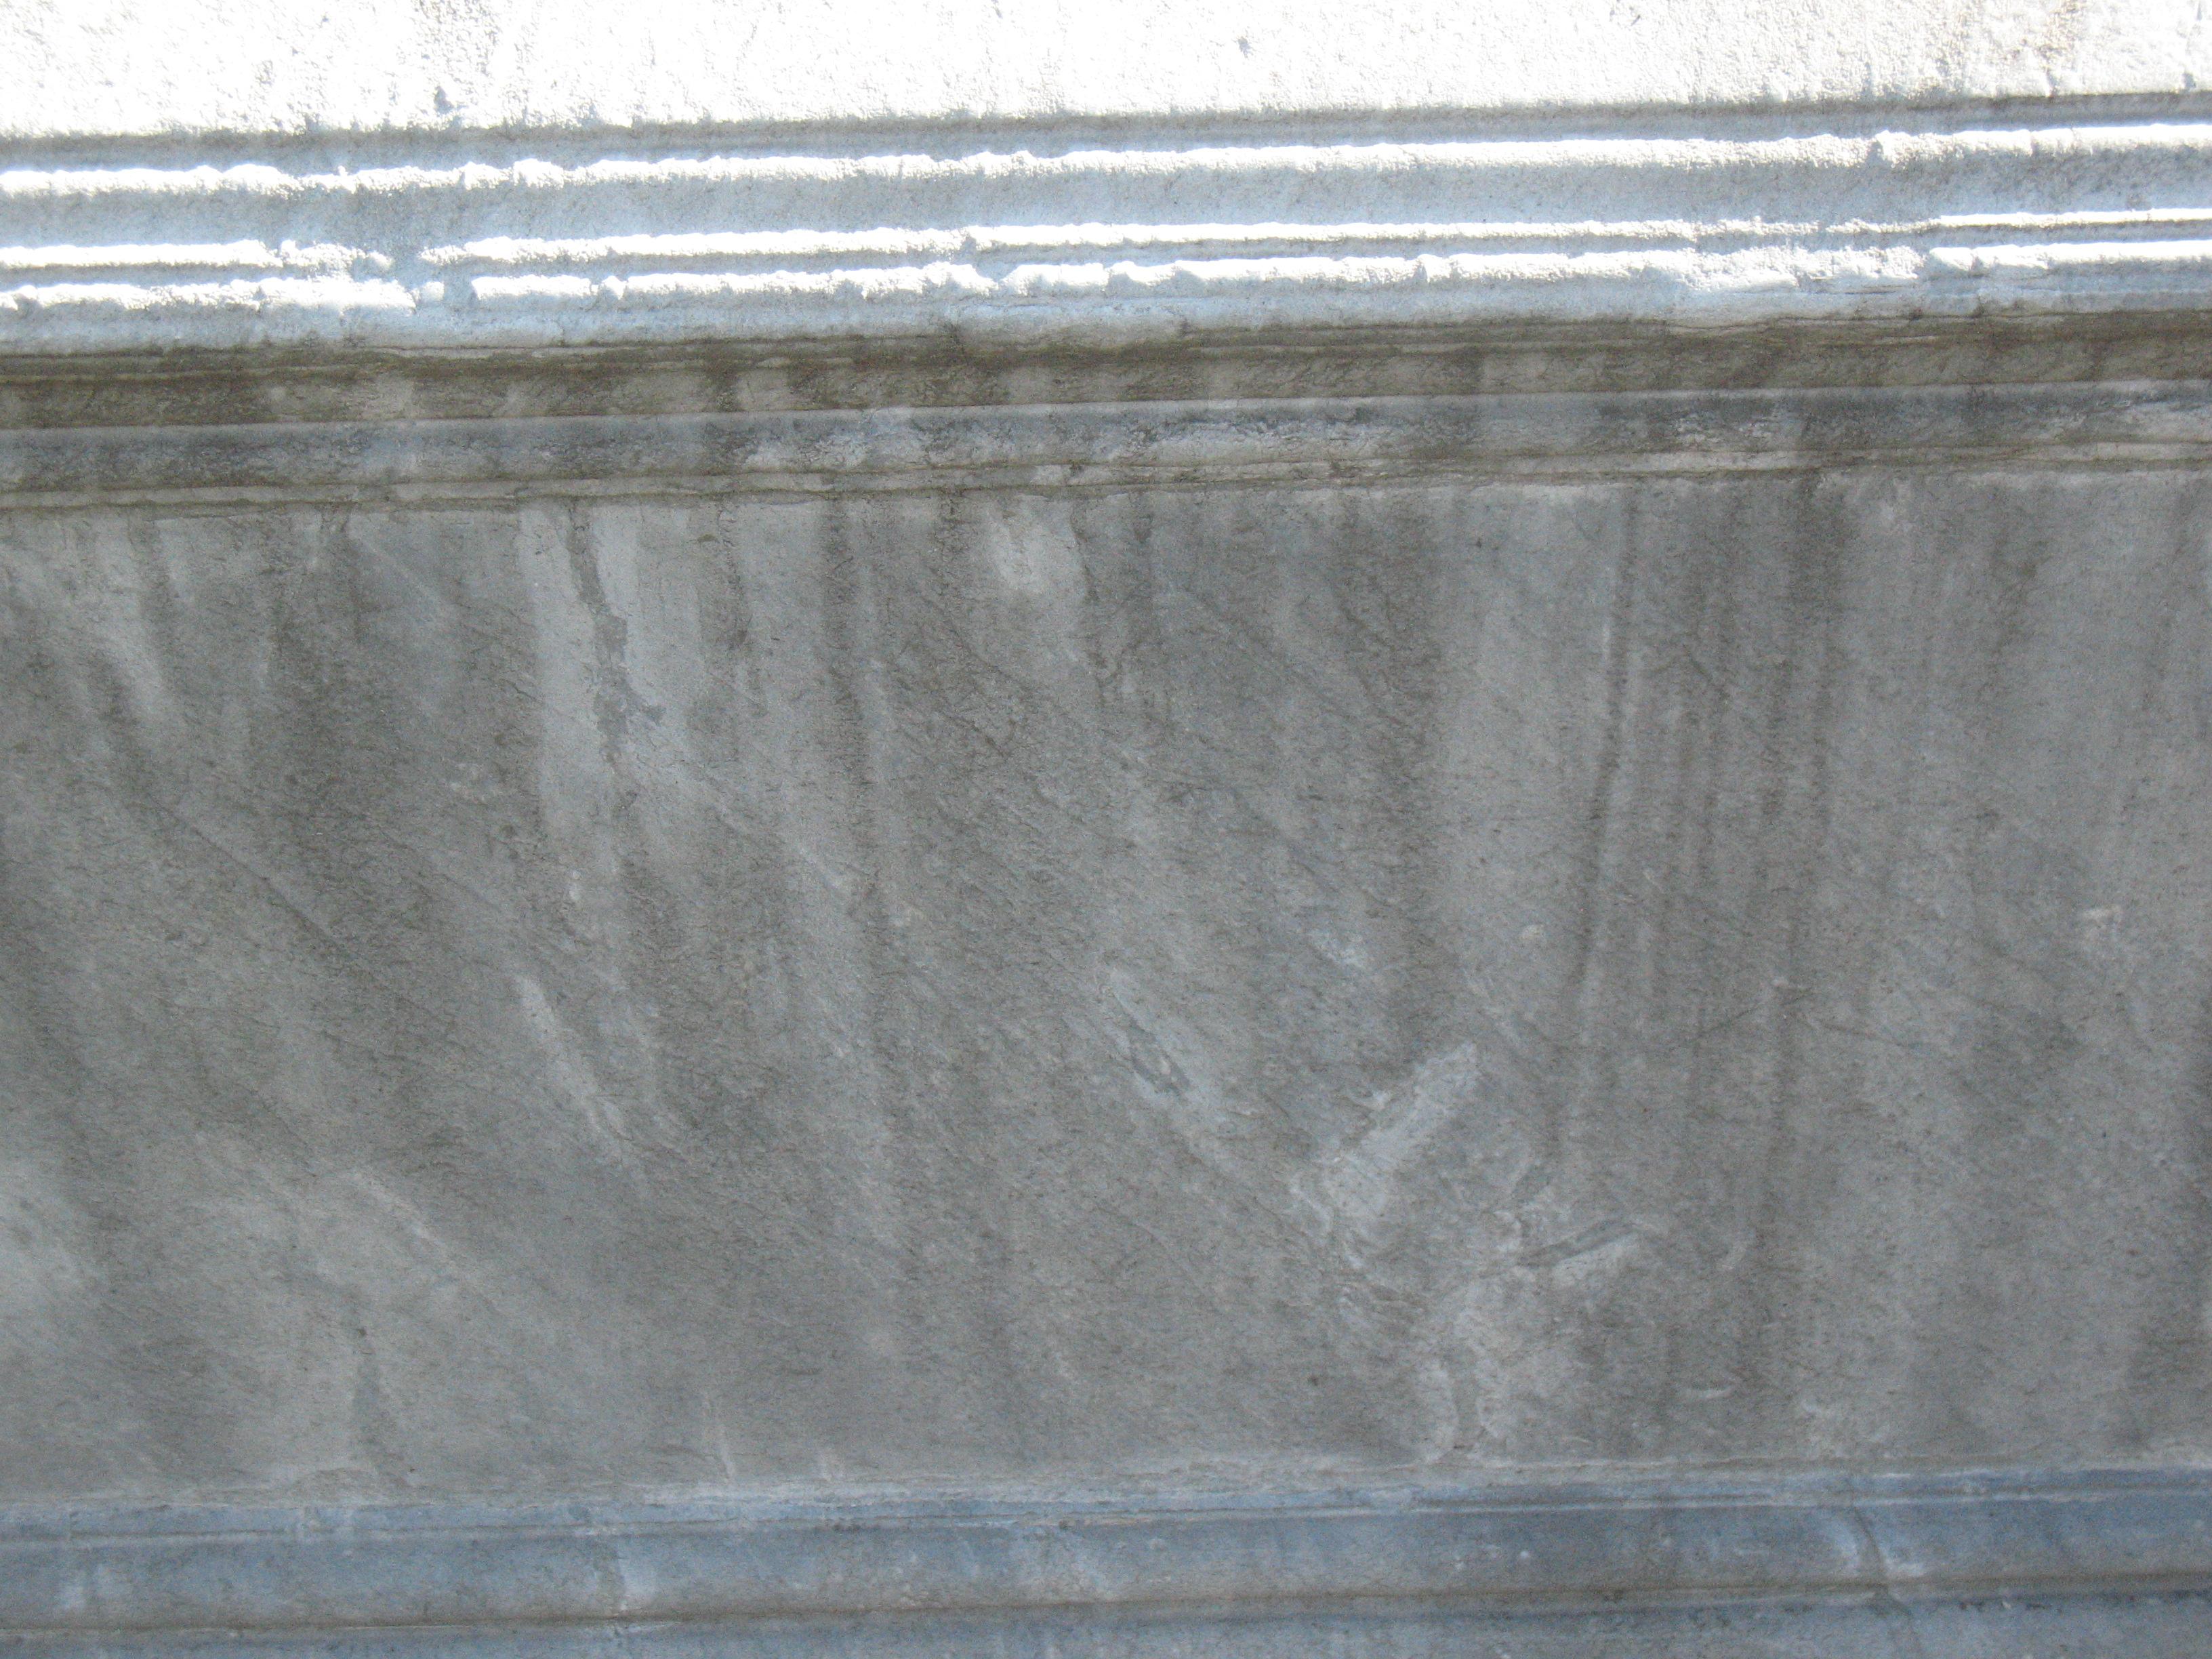 Отшелушивание и атмосферные грязевые отложения на сером мраморе